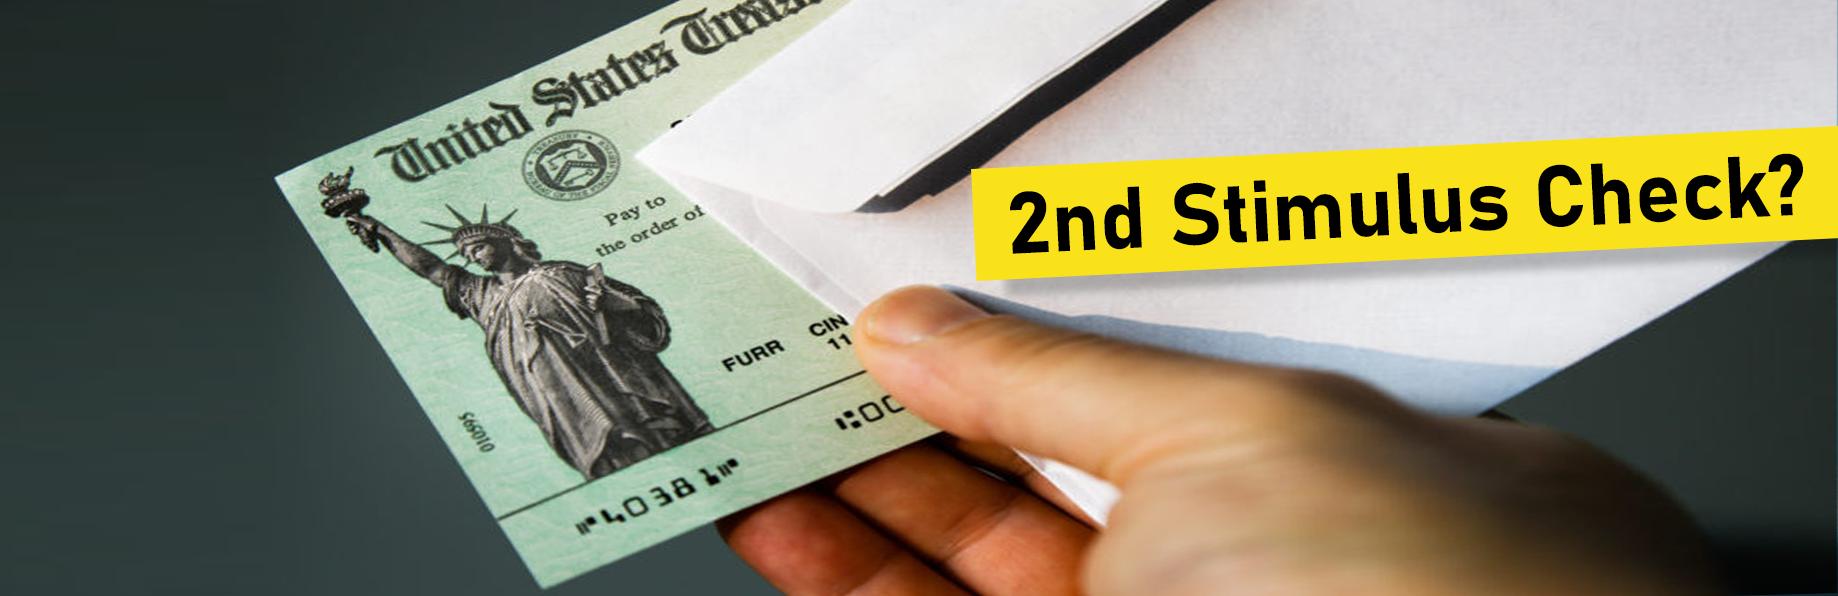 2nd stimulus check